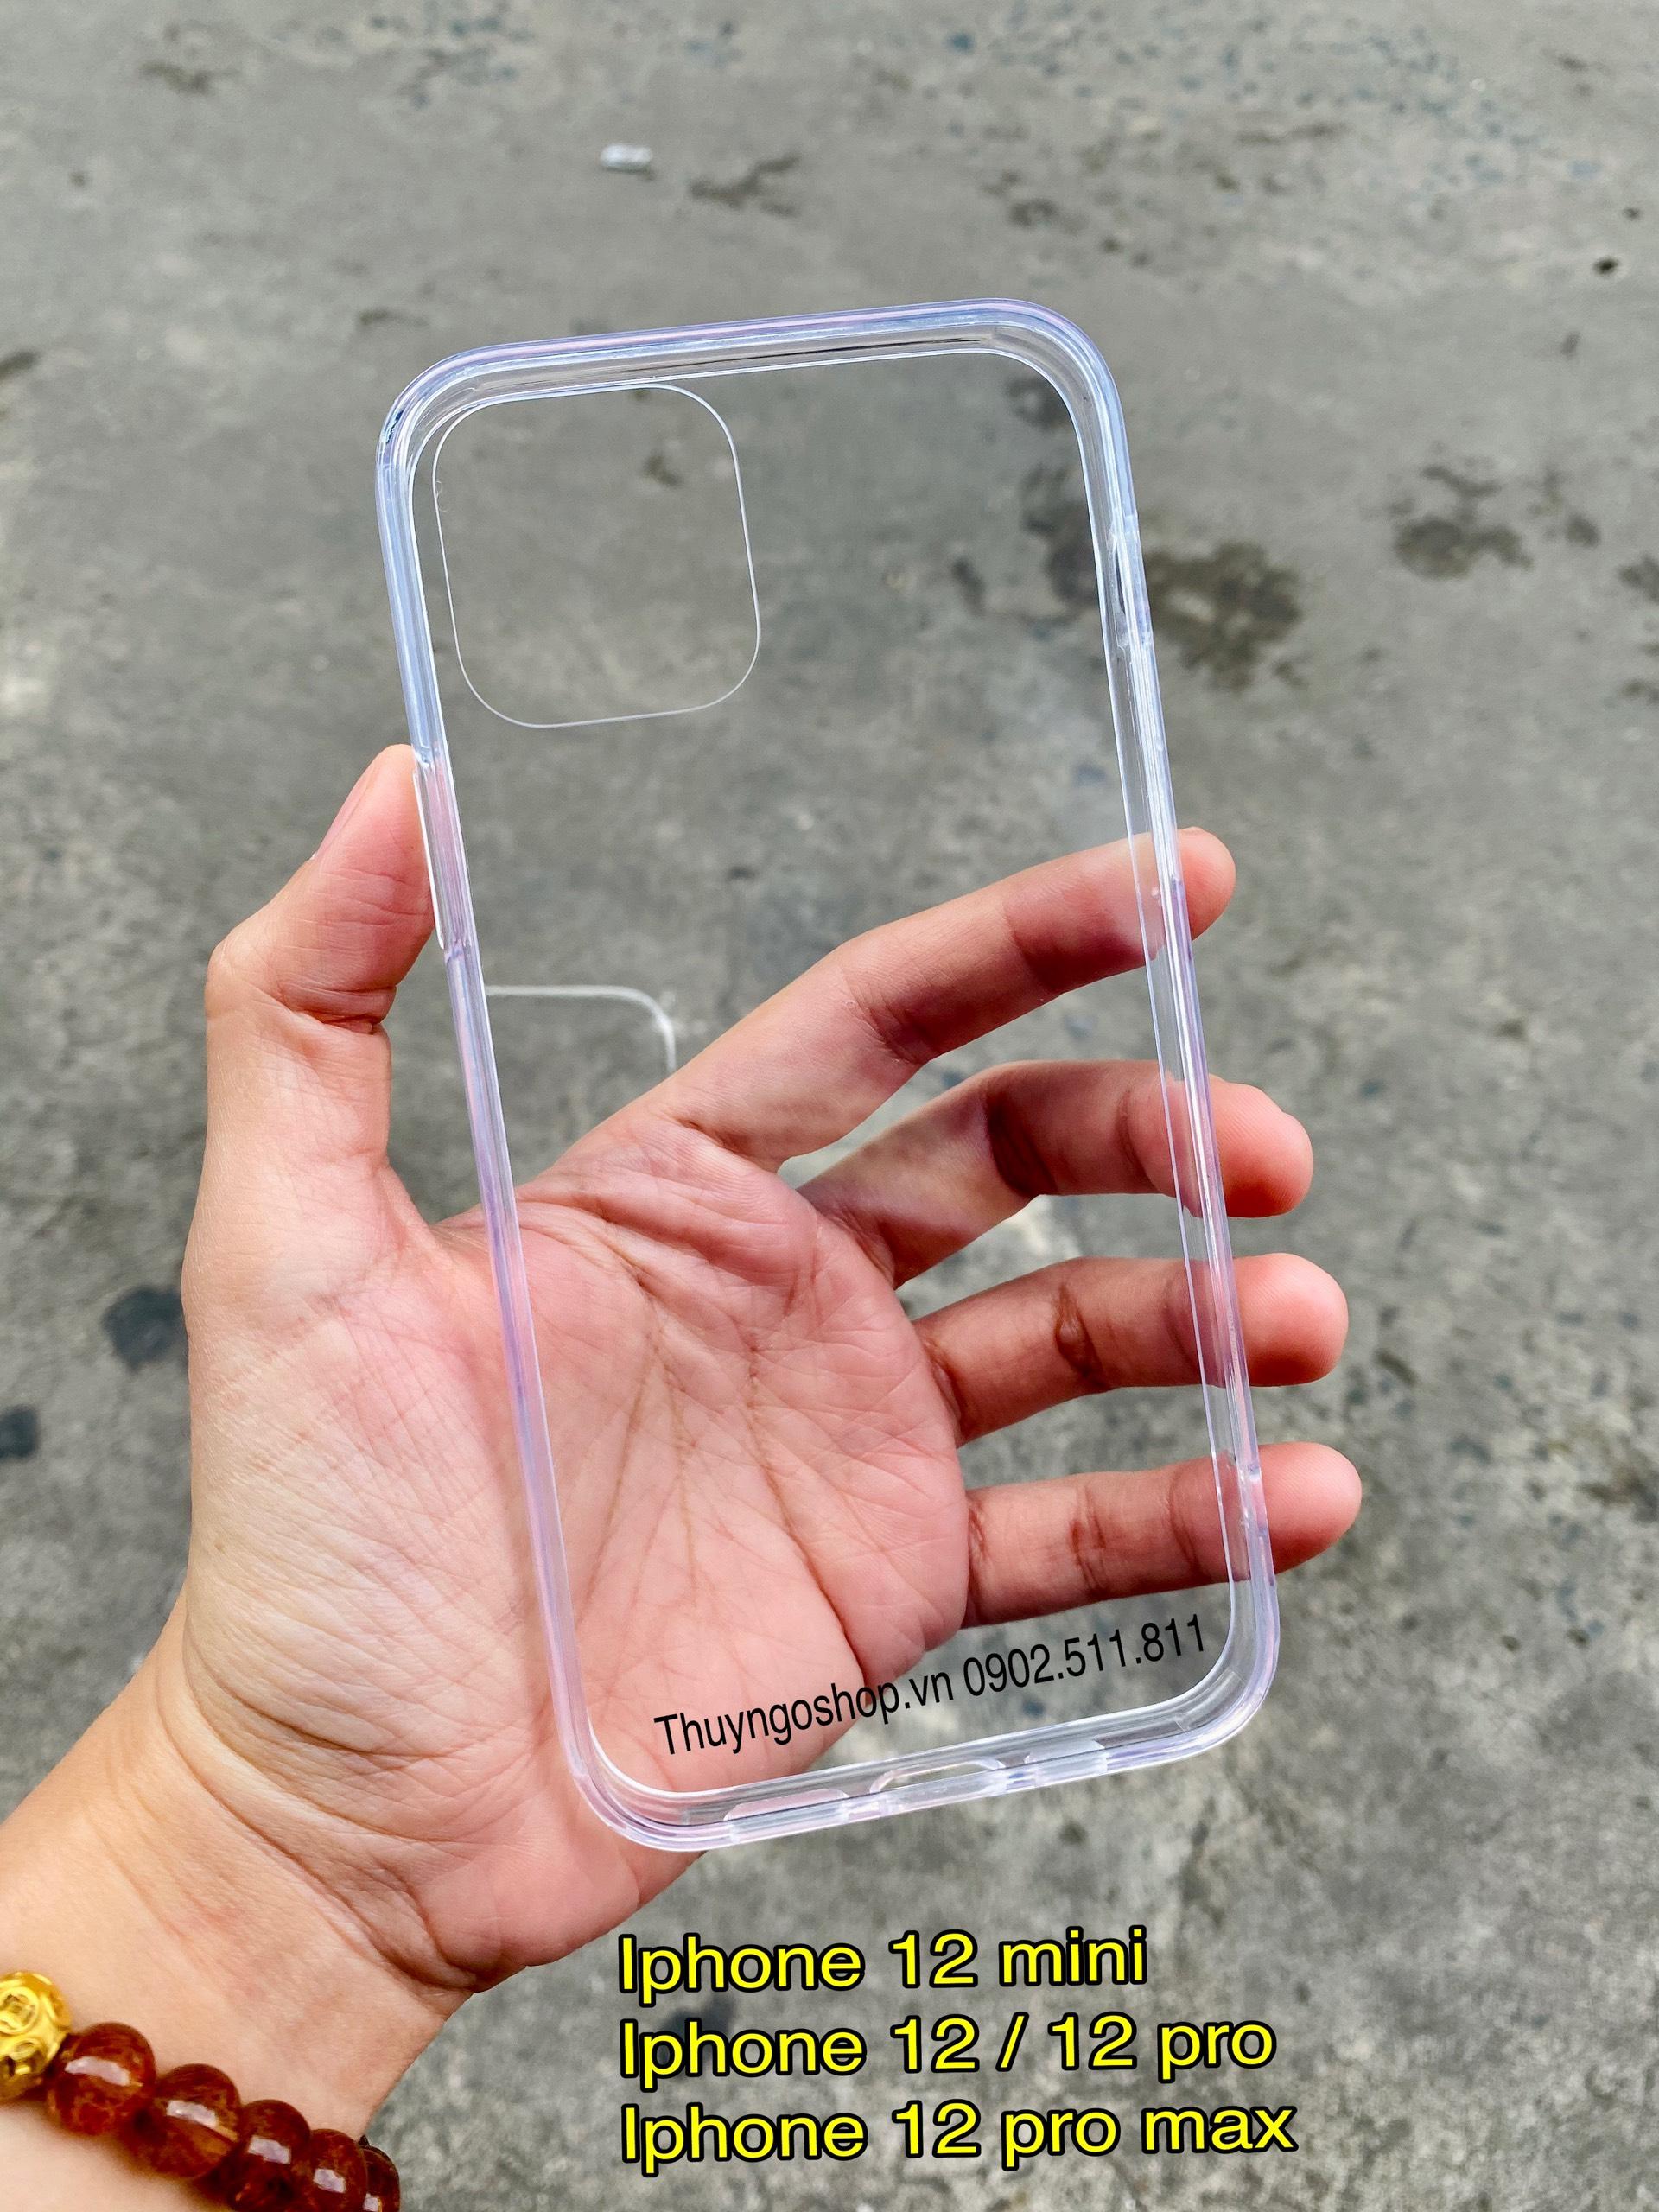 Iphone 12 mini / 12 / 12 pro / 12 pro max - Ốp lưng kính cường lực, 4 cạnh viền nhựa dẻo silicon